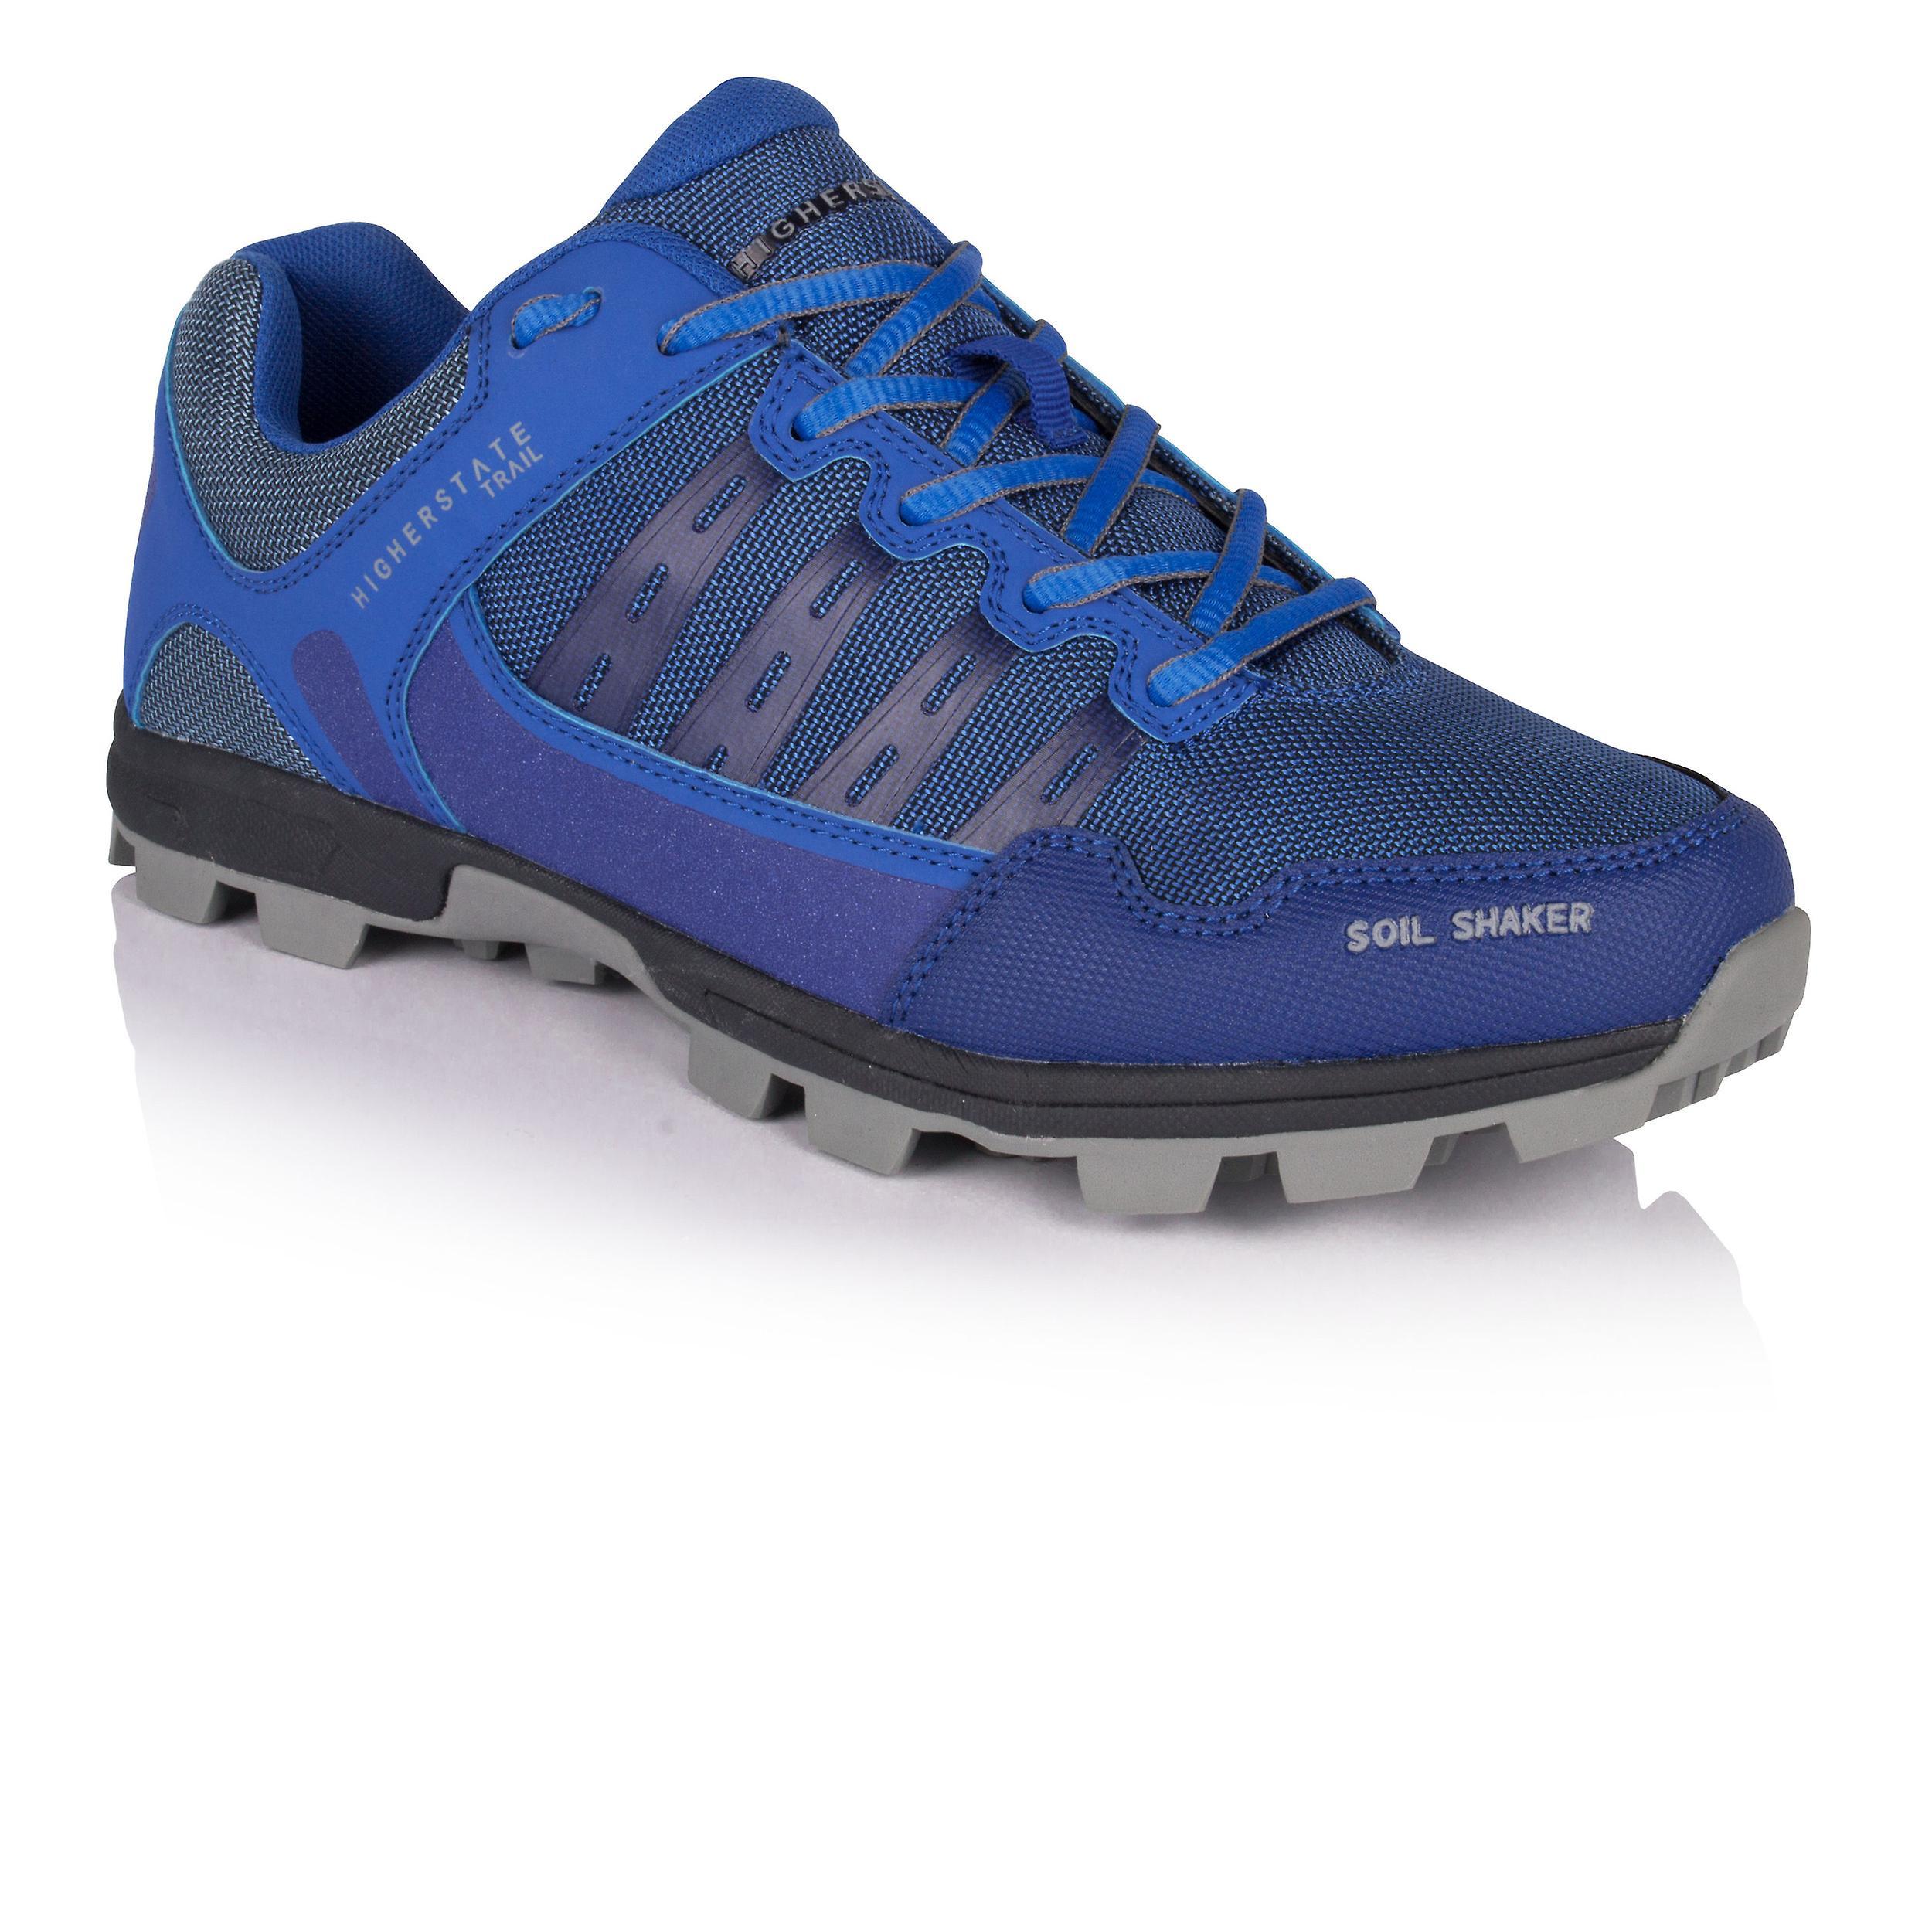 Superiore dello stato del suolo Shaker Trail Running scarpe | Forte calore e resistenza all'abrasione  | Scolaro/Signora Scarpa